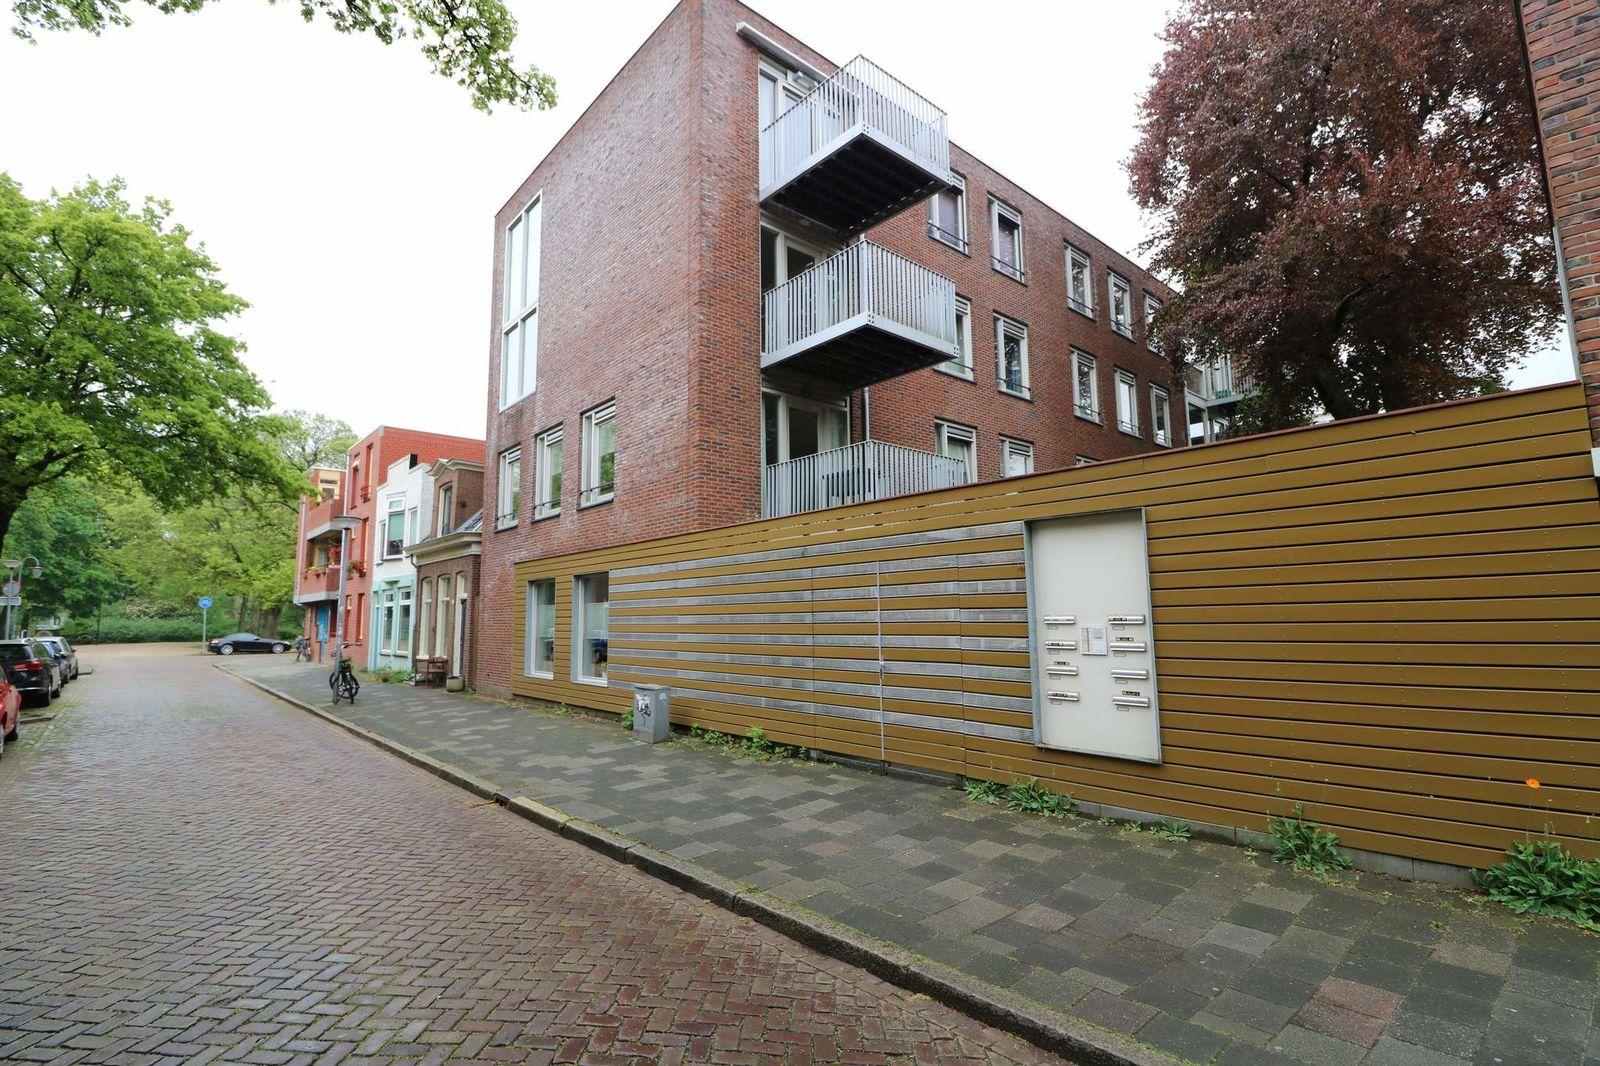 Nieuwe Kijk in 't Jatstraat, Groningen